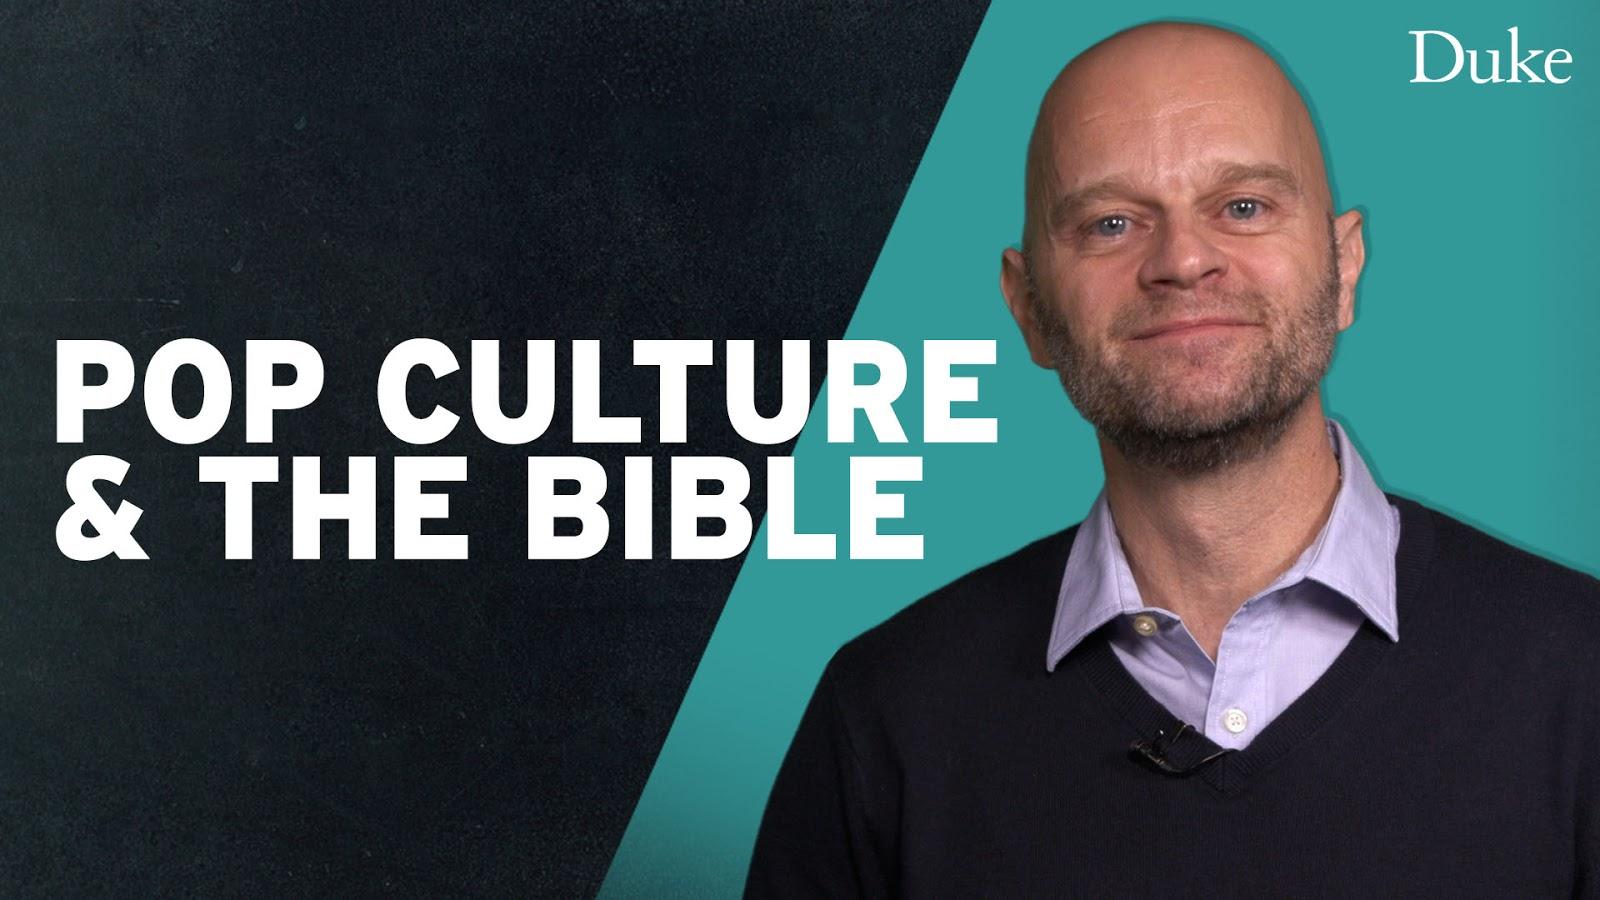 Duke's Pop Culture & The Bible YouTube thumbnail